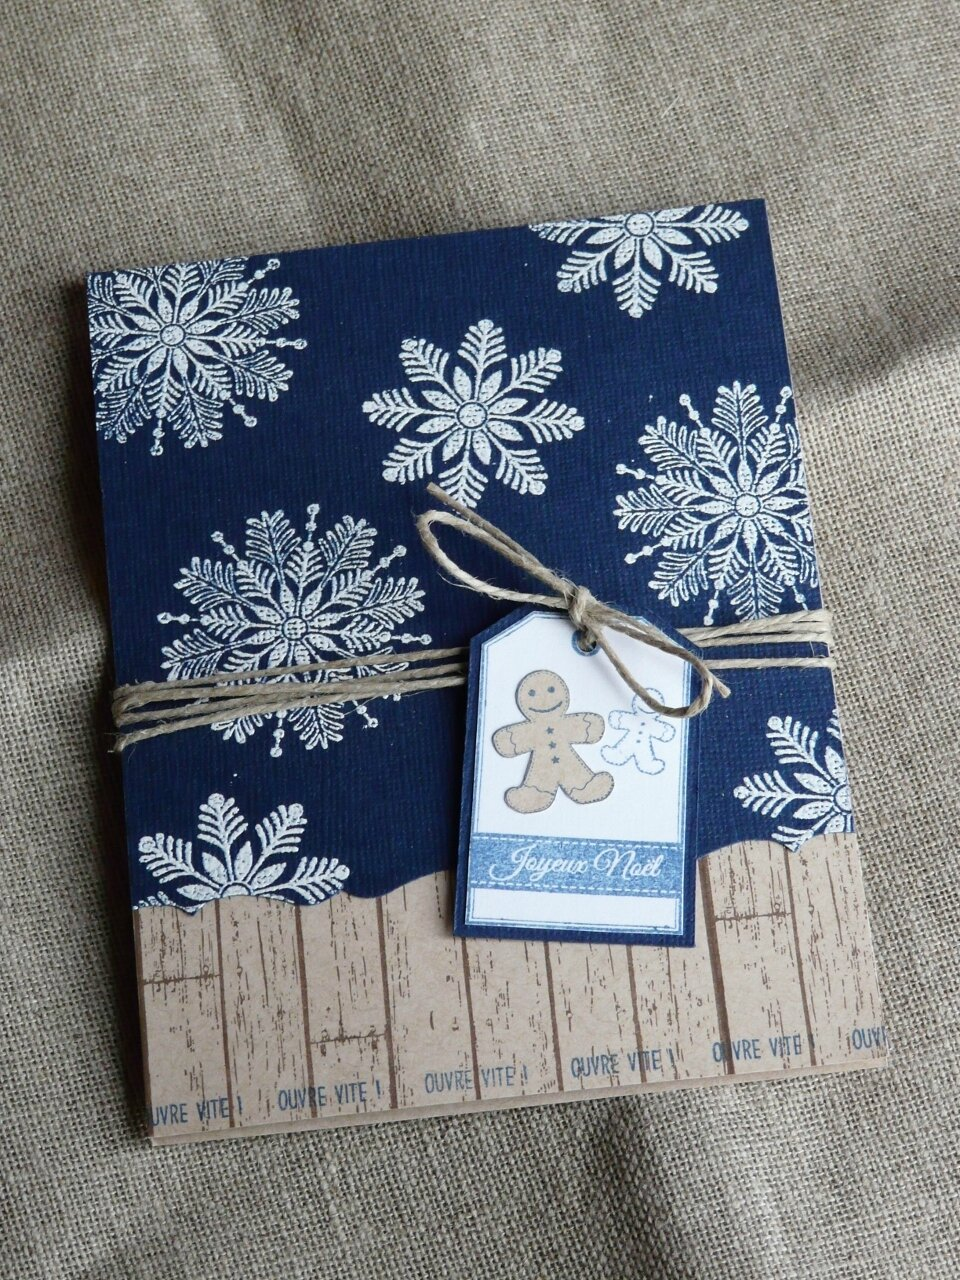 Une carte cadeau !